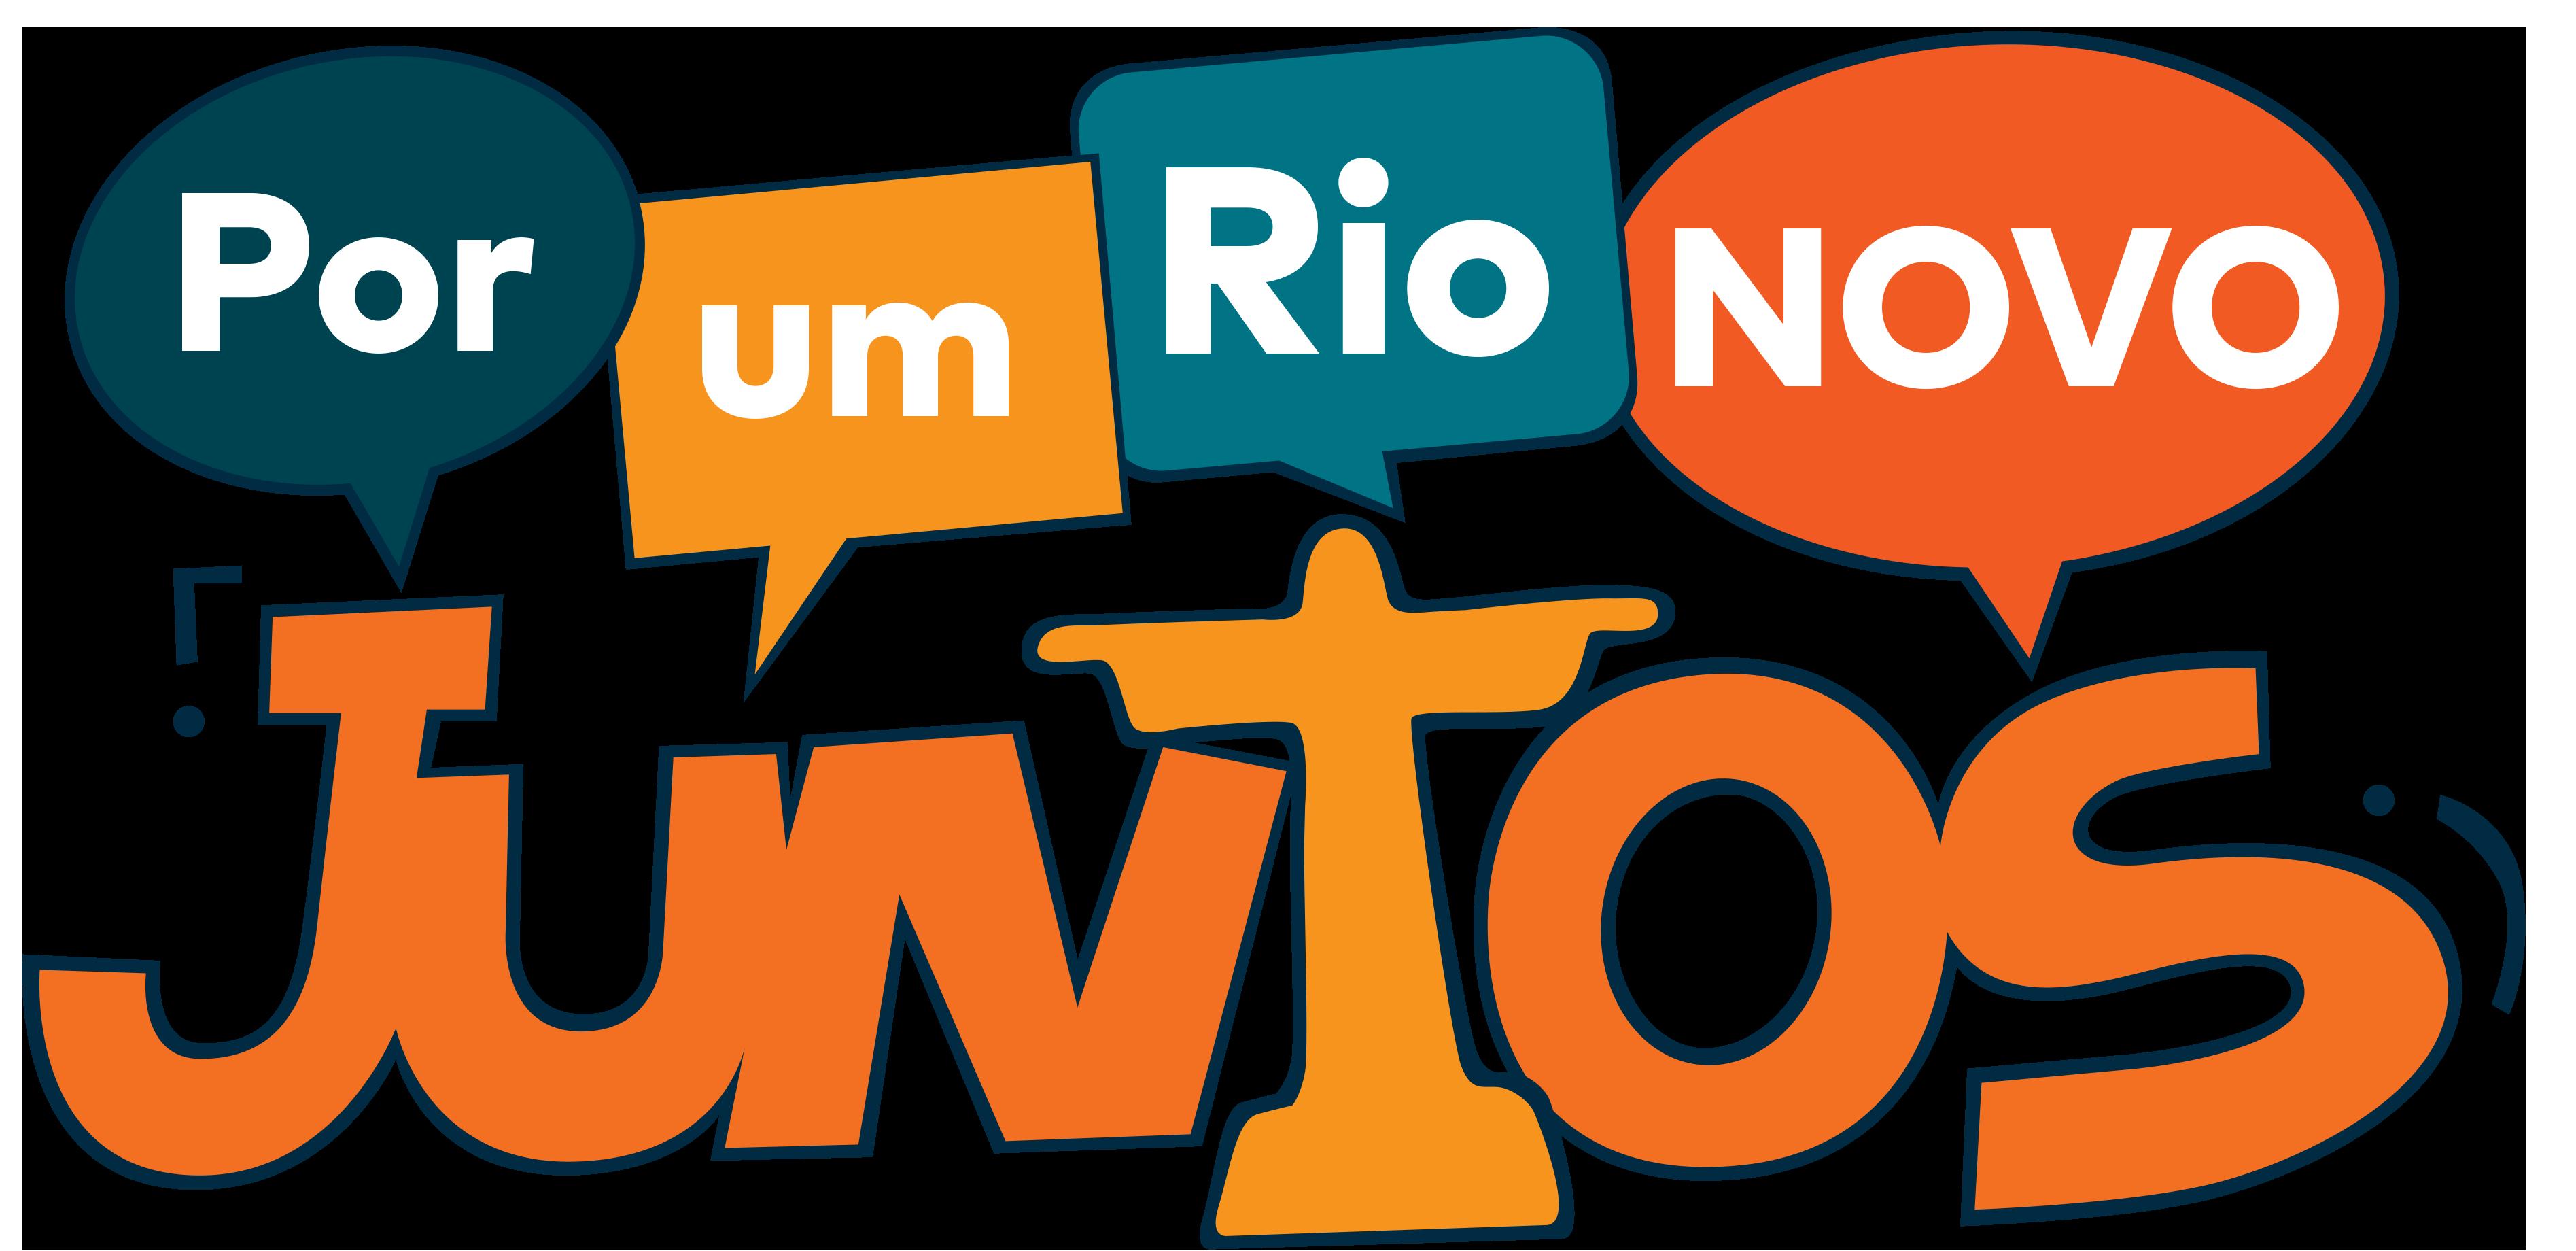 Juntos logo